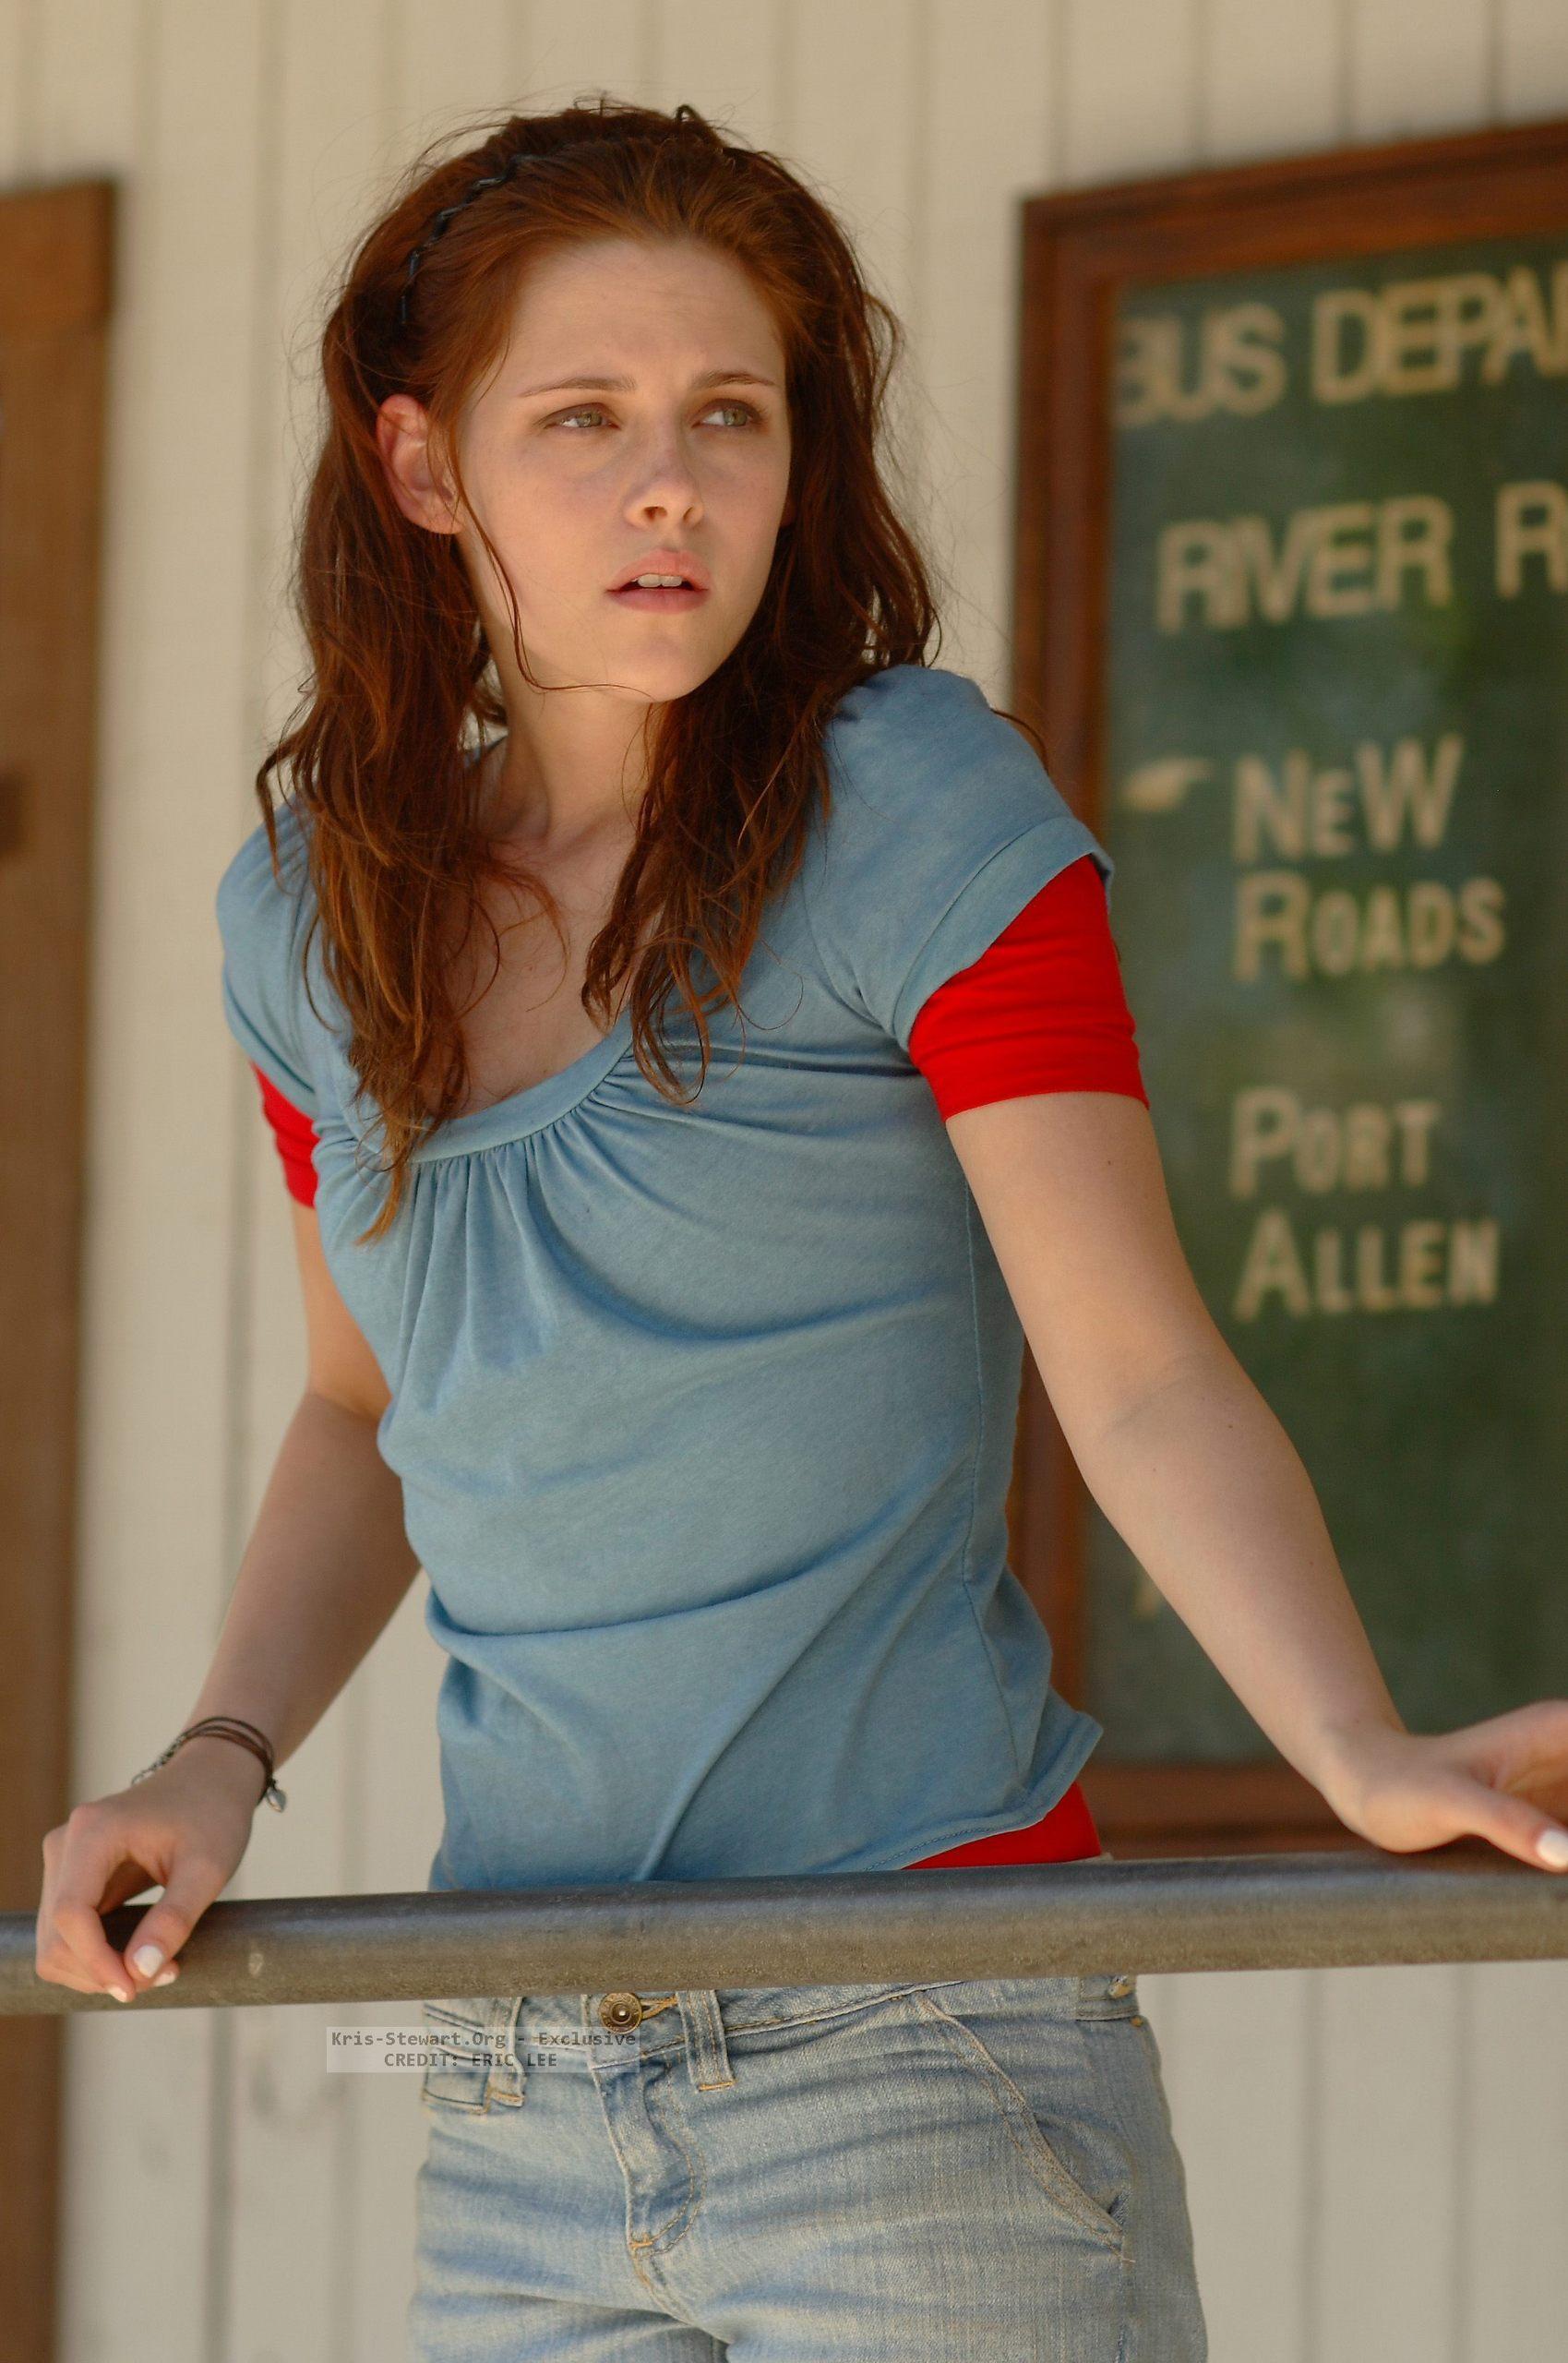 Kristen Stewart Official Gallery - Page 2 The-Yellow-Handkerchief-promo-stills-kristen-stewart-3725659-1699-2560